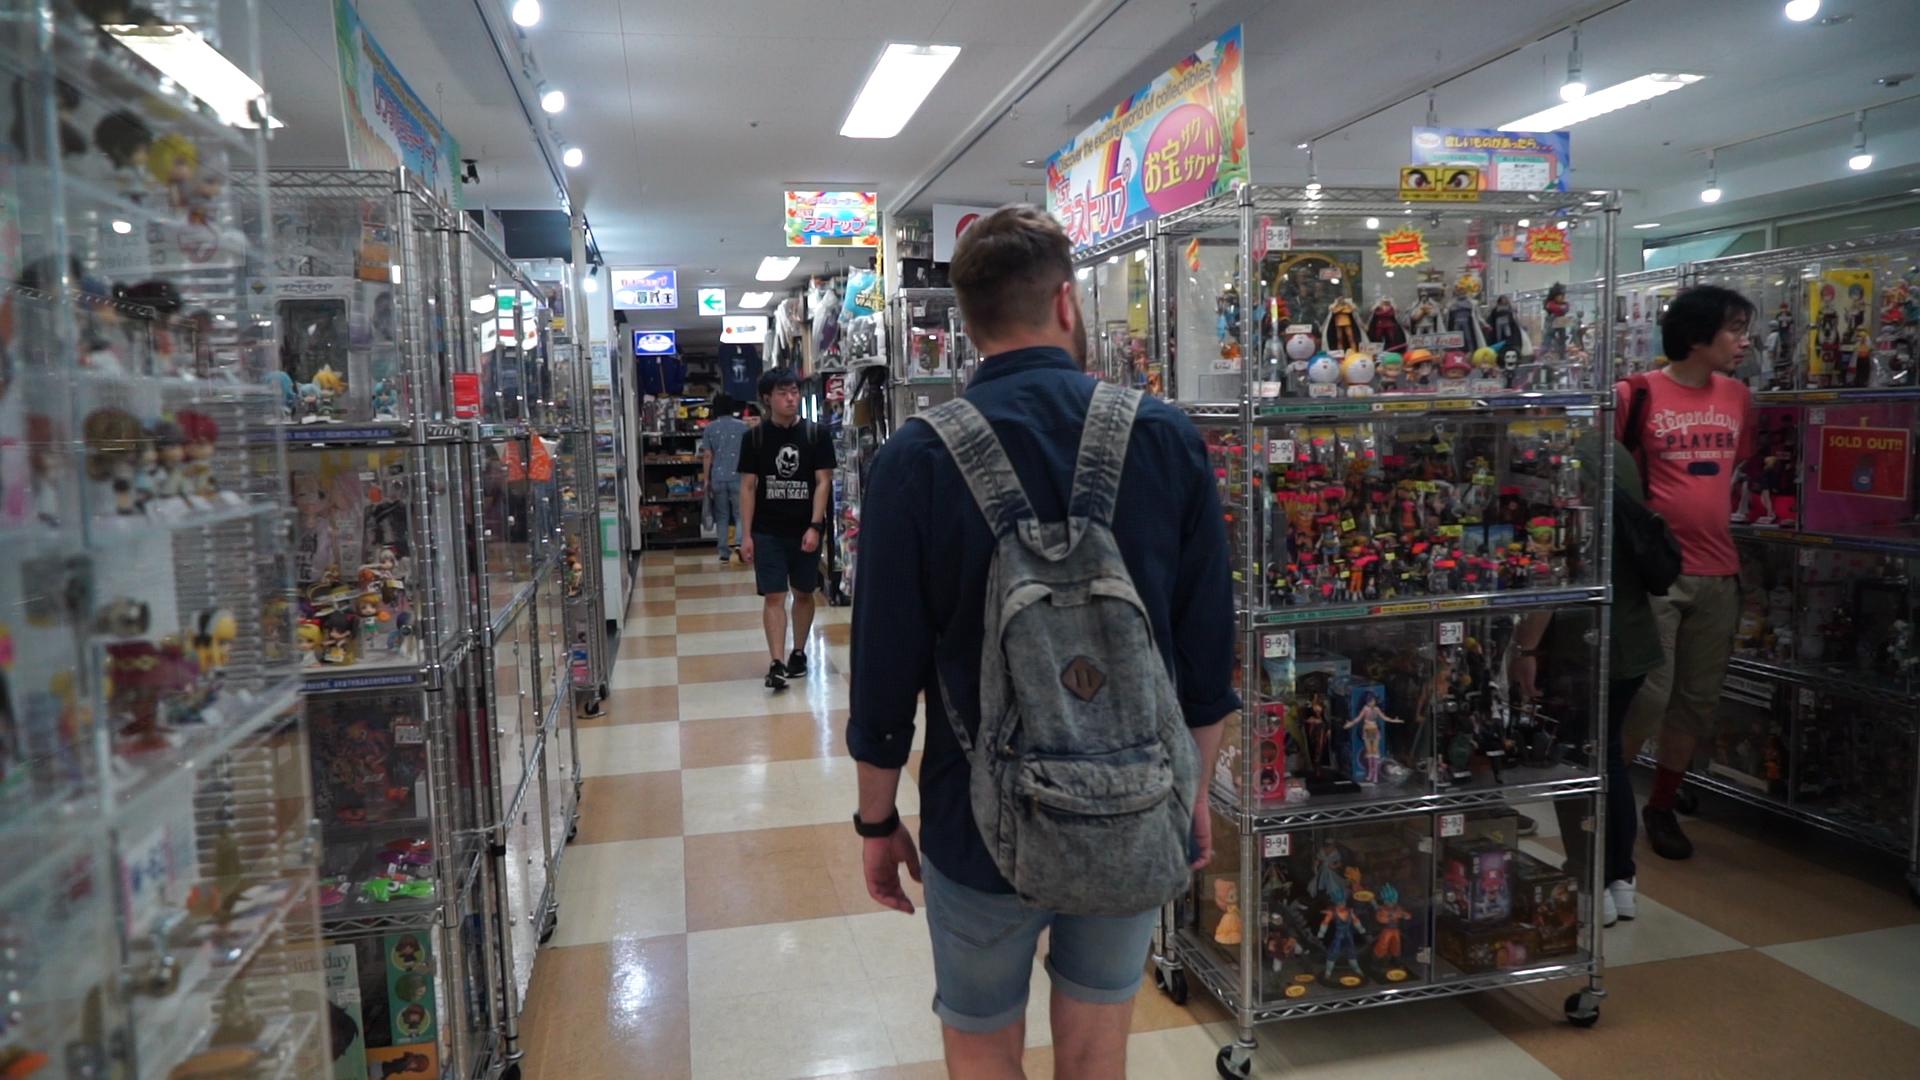 Shopping in Akihabara, Tokyo